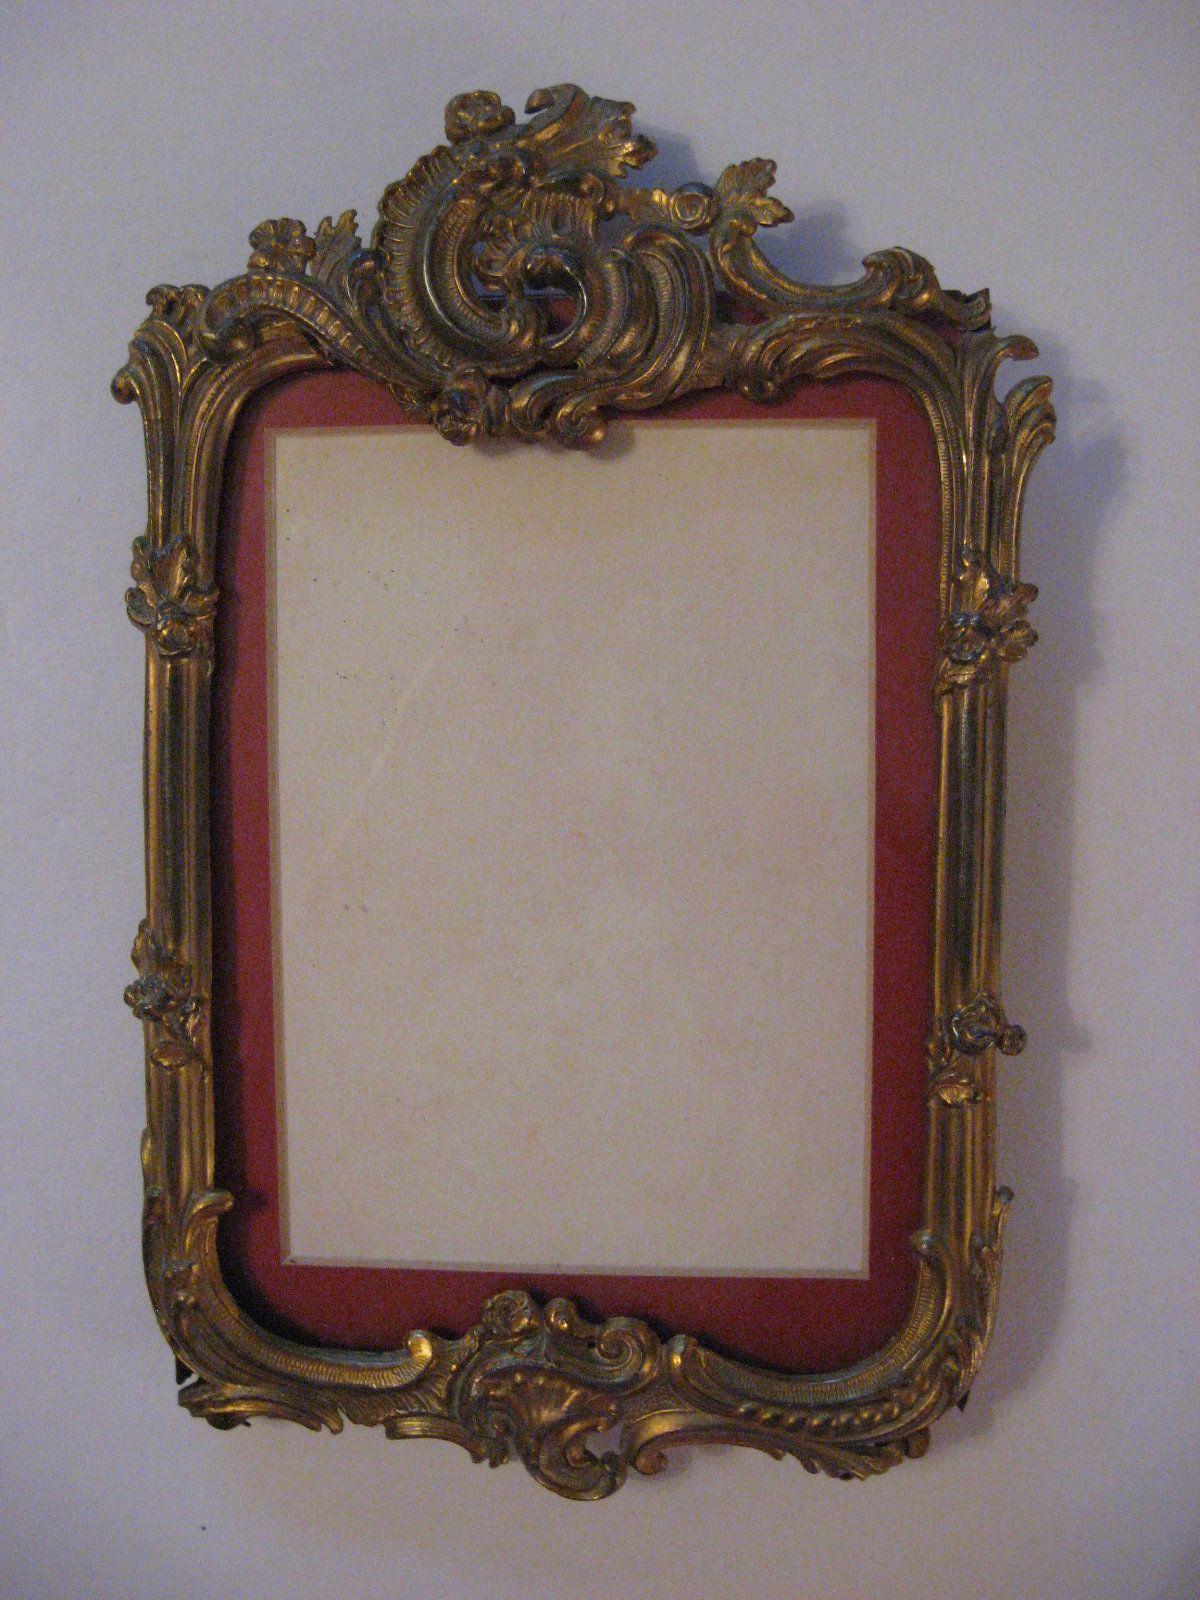 Antique victorian art nouveau picture frame ornate design